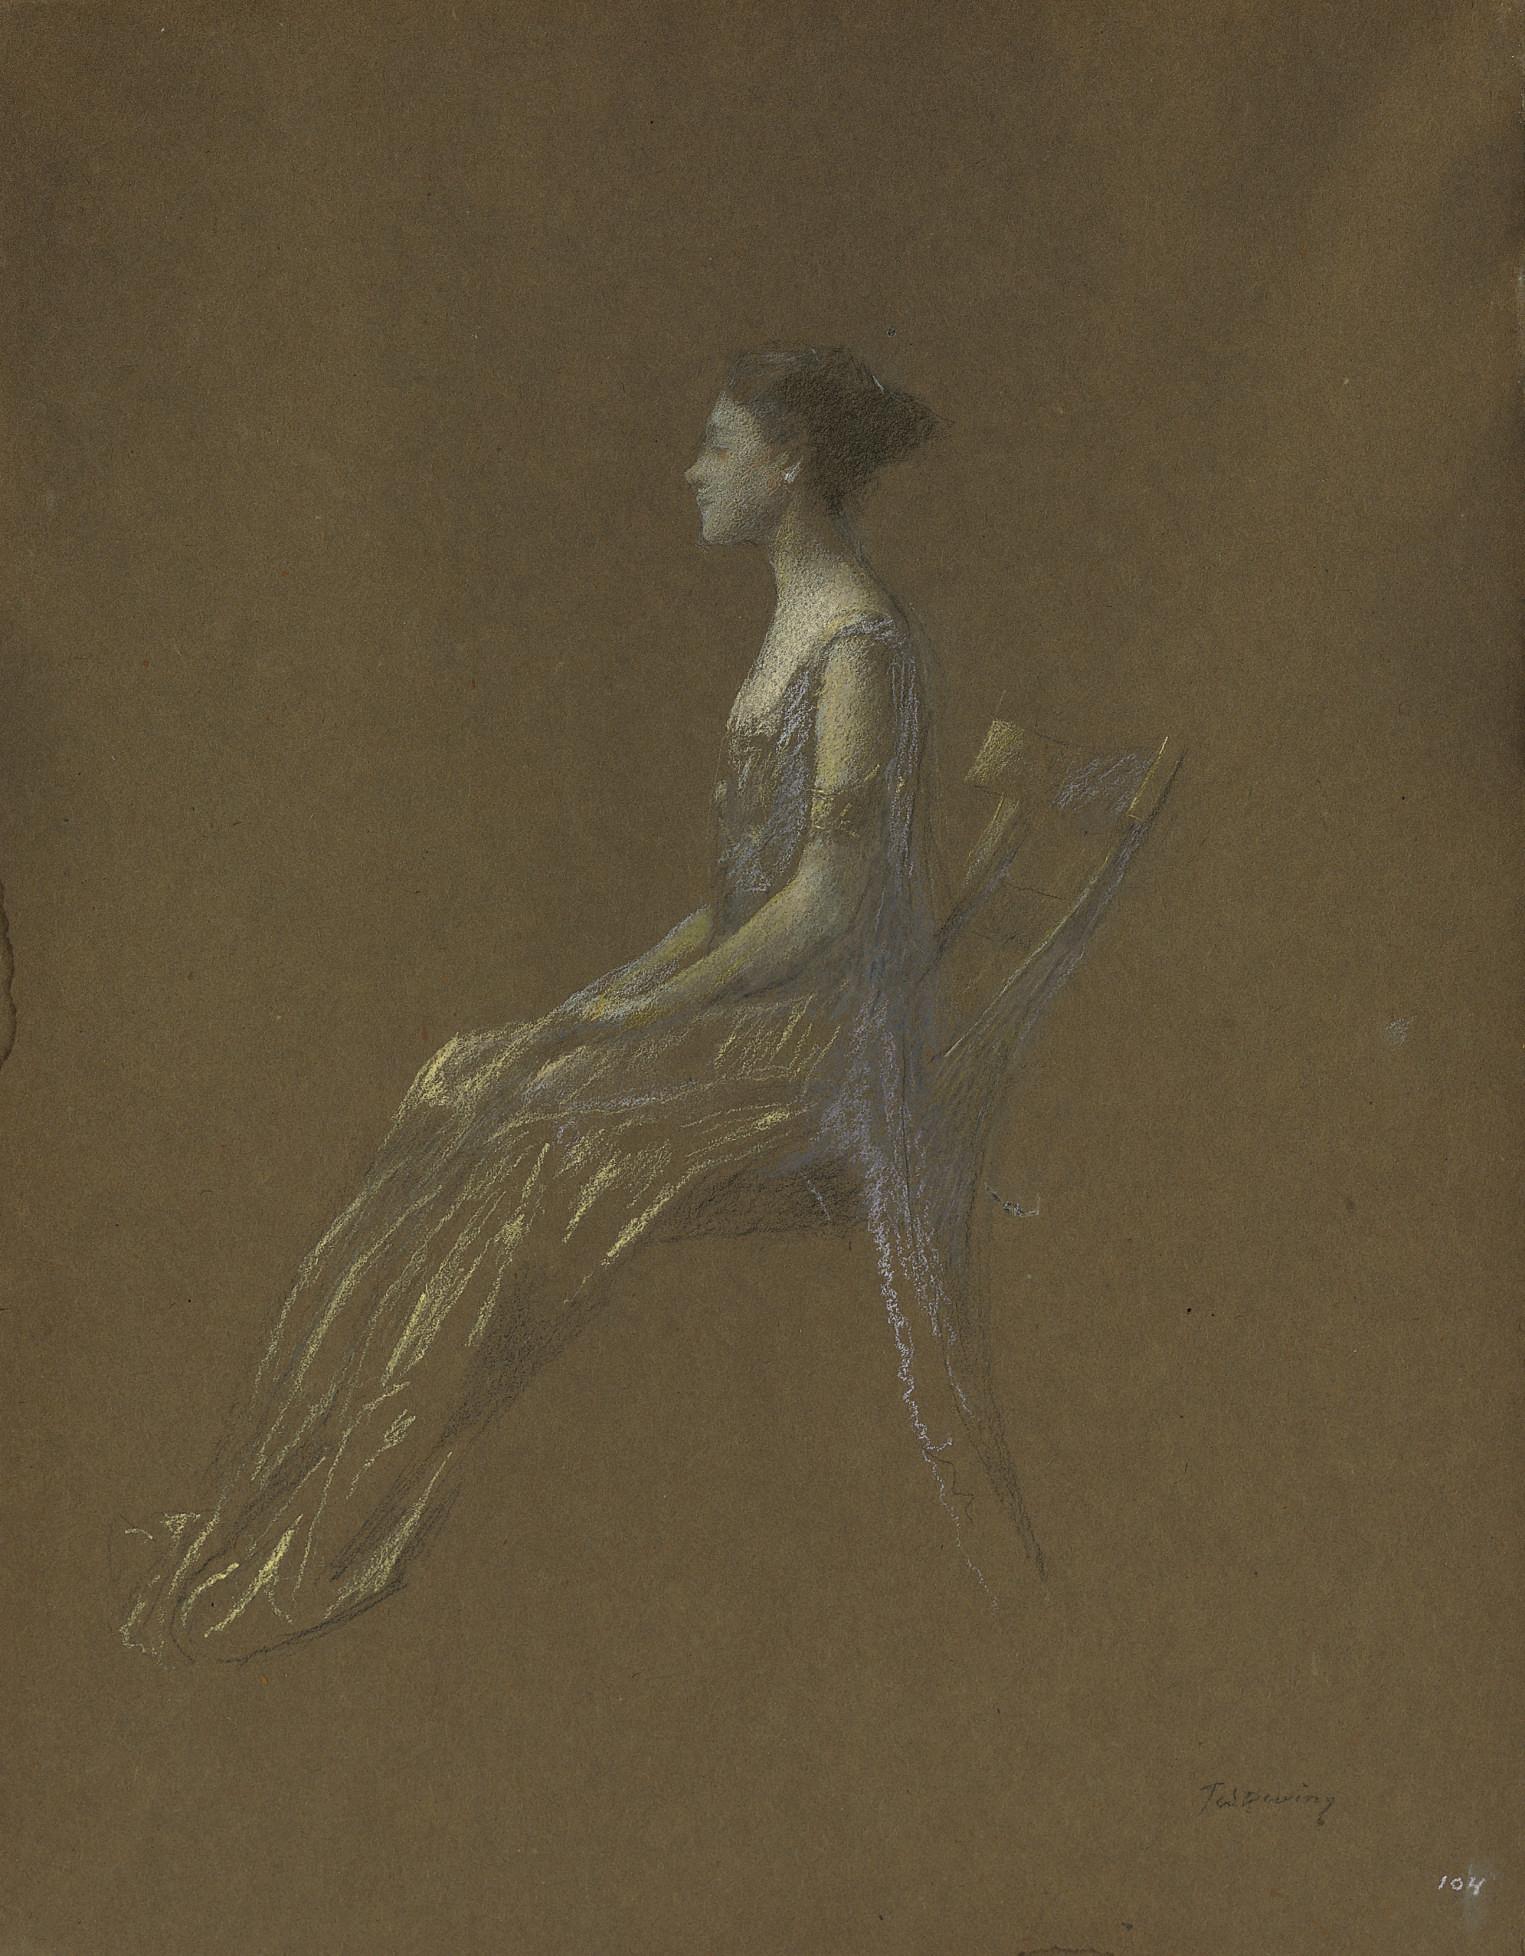 Thomas Wilmer Dewing (1851-193